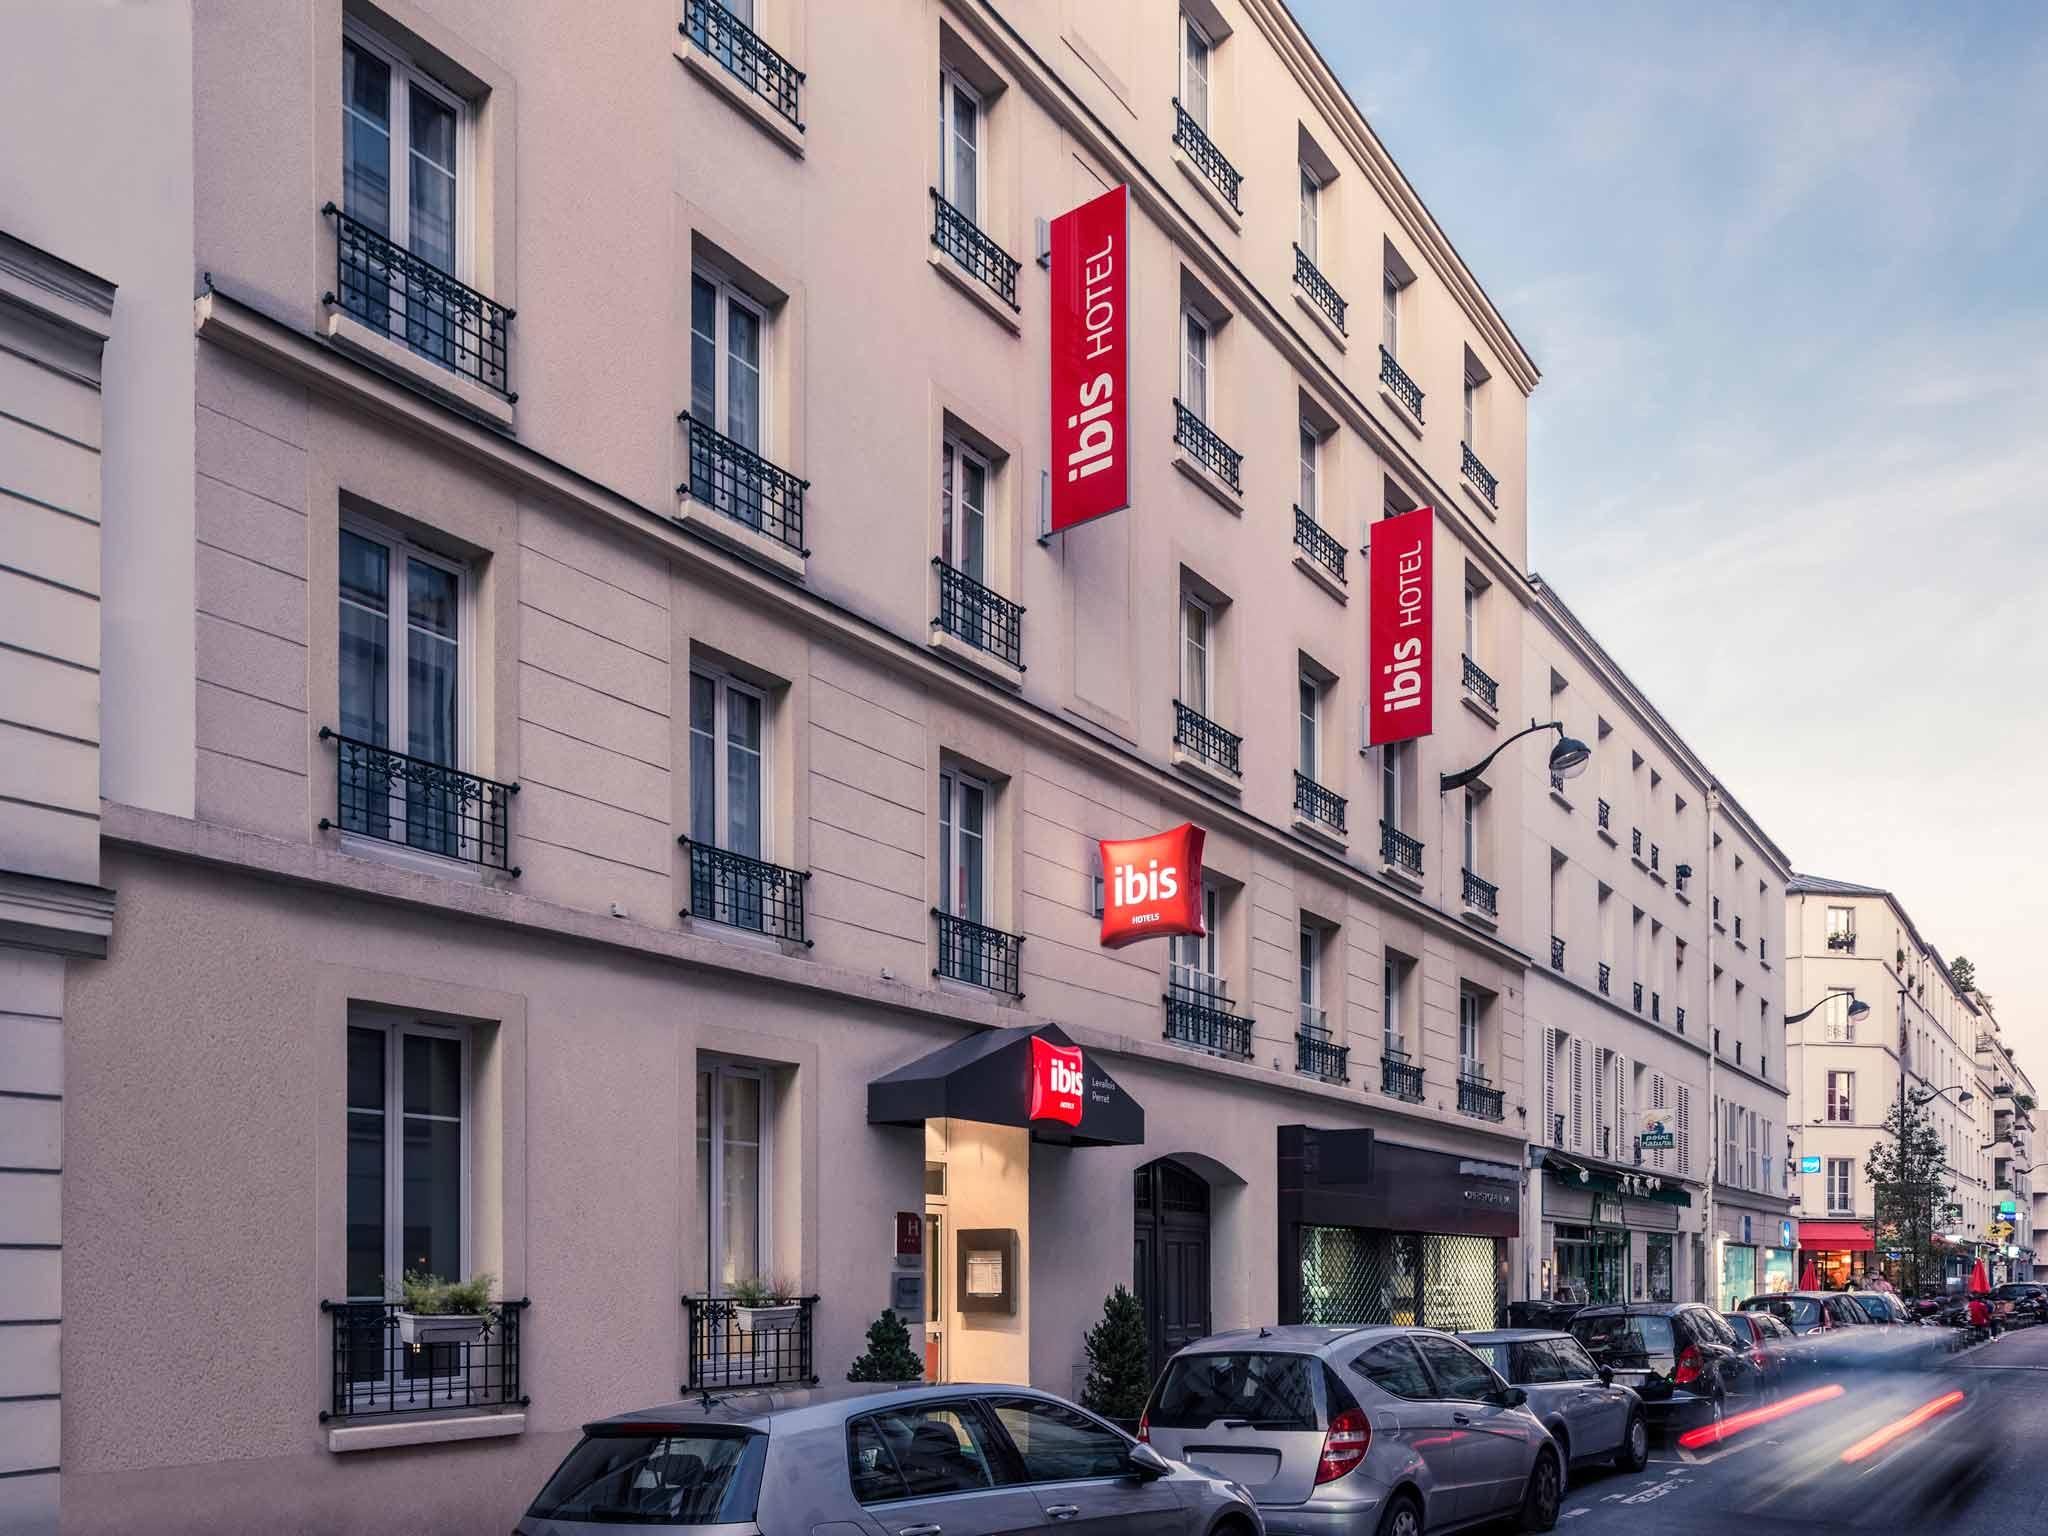 酒店 – 宜必思巴黎勒瓦卢瓦佩雷酒店